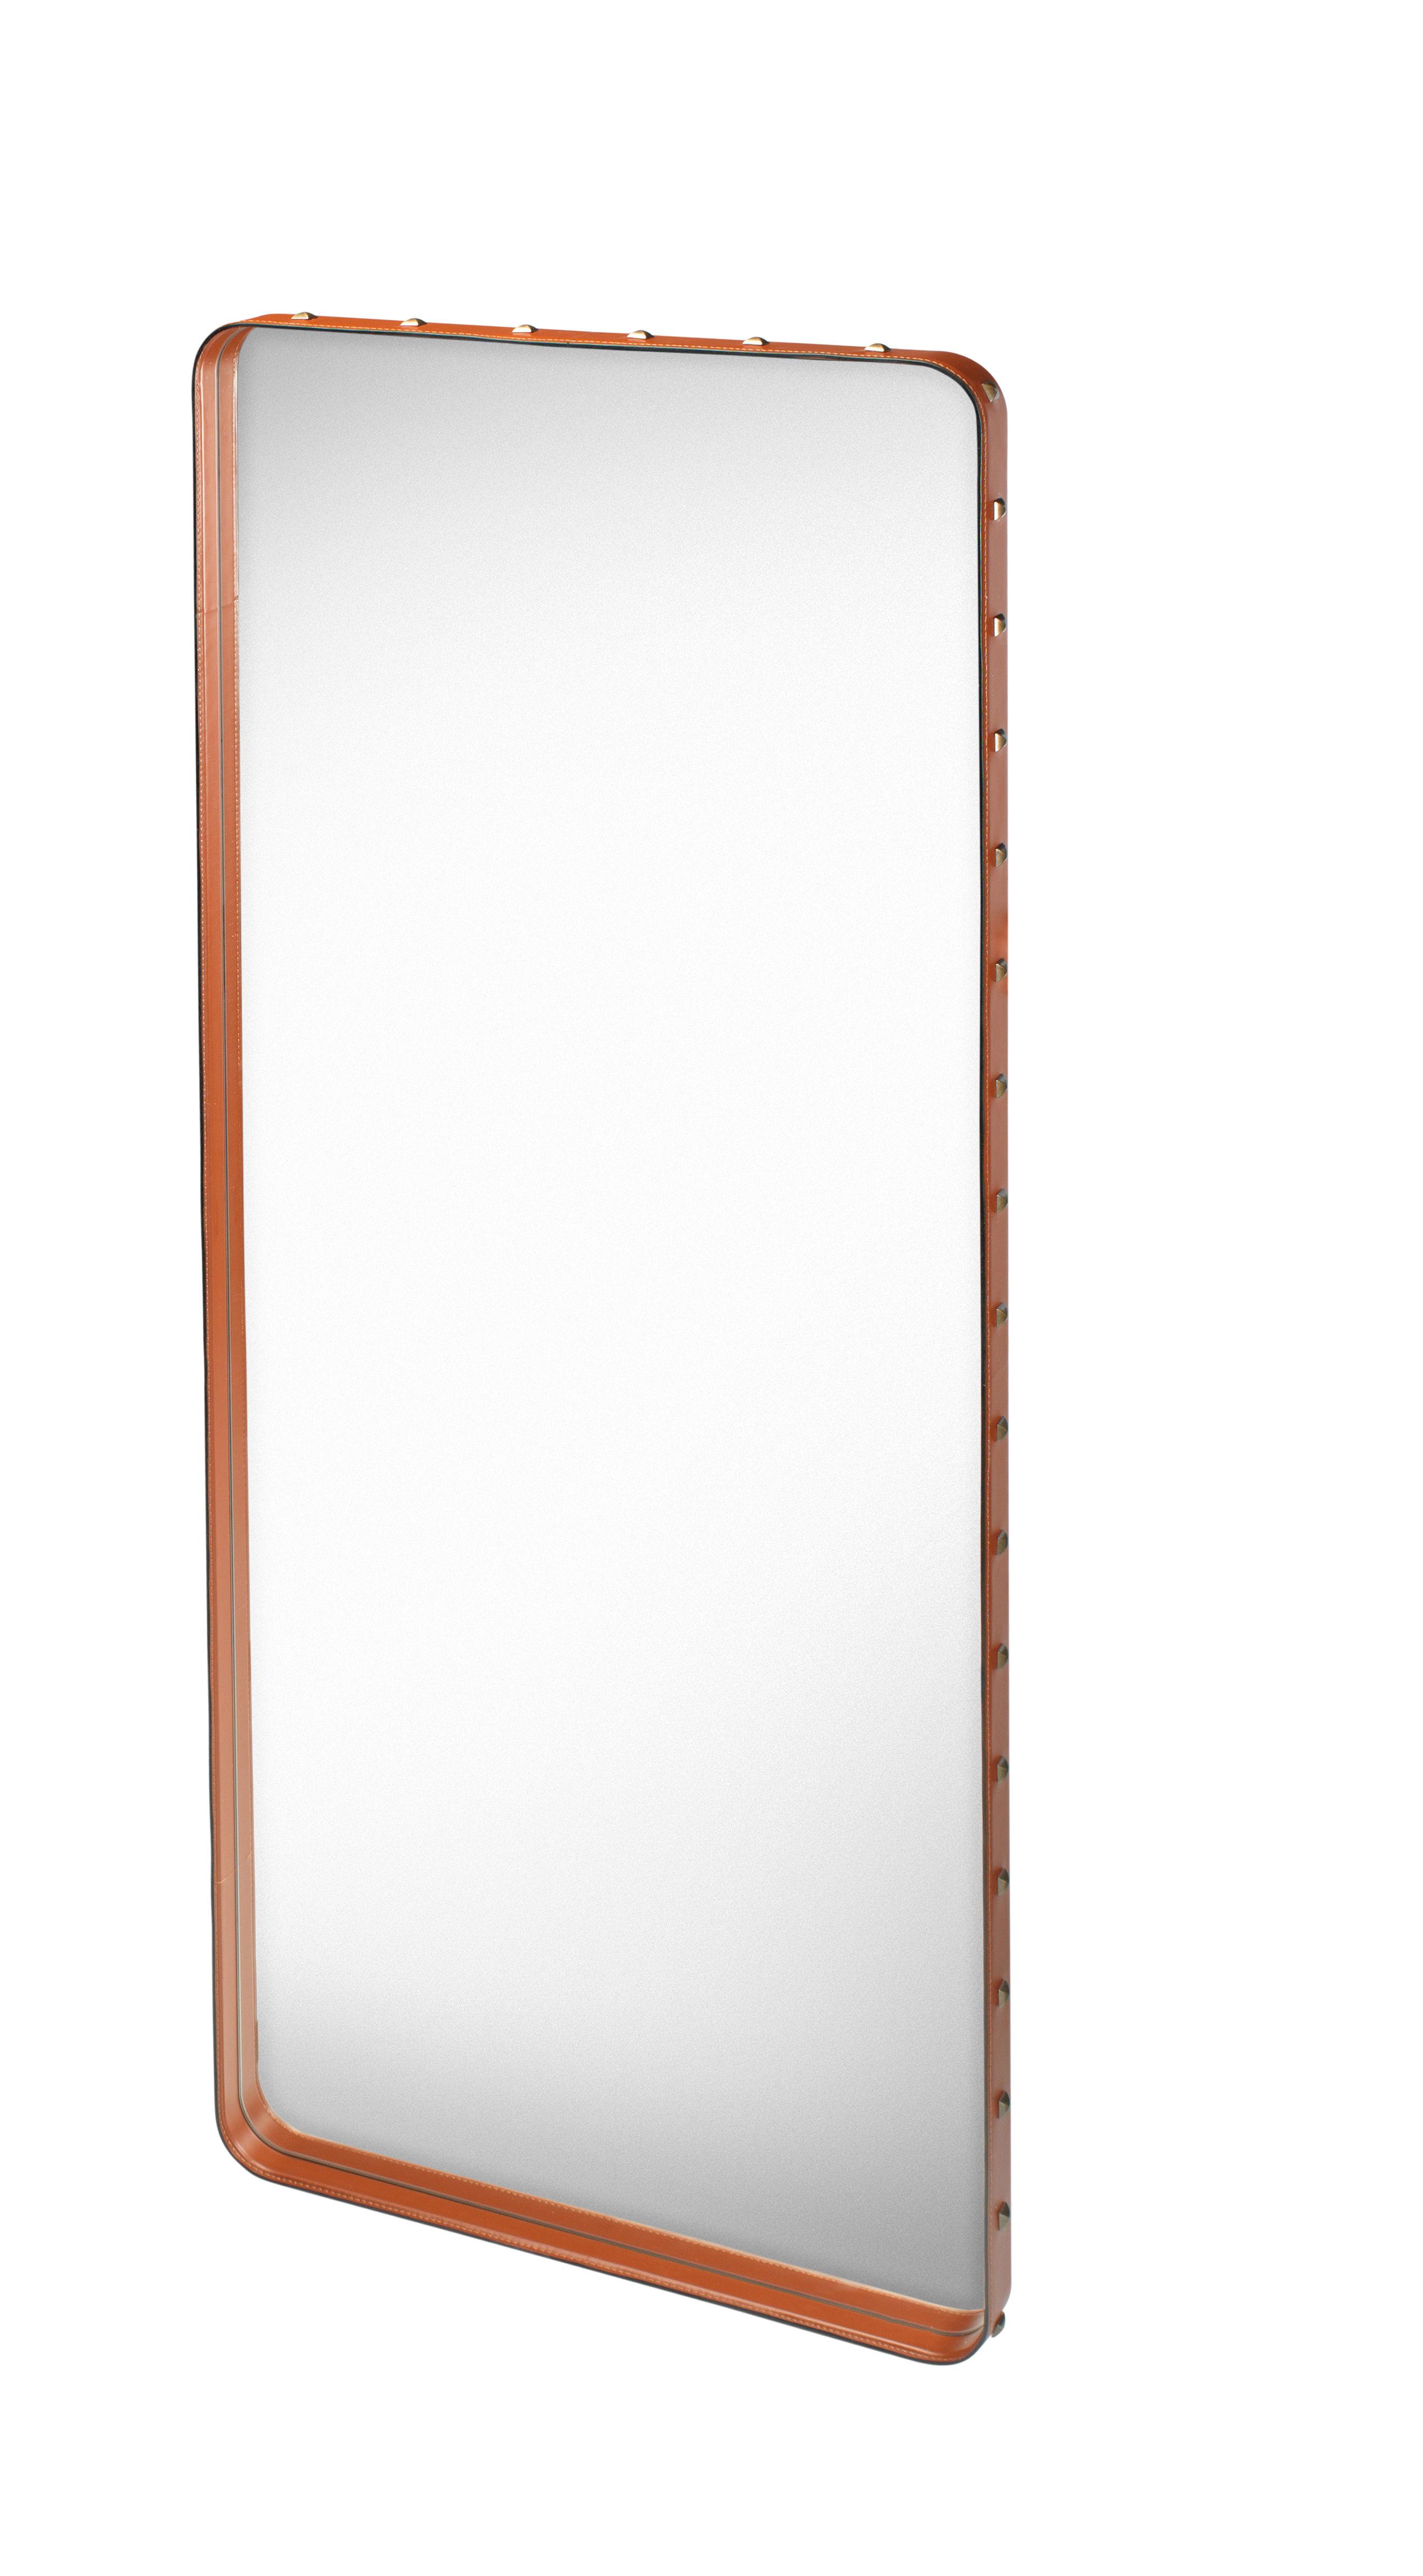 Miroir adnet 180 x 70 cm r dition 50 39 cuir naturel gubi for Miroir 90 x 180